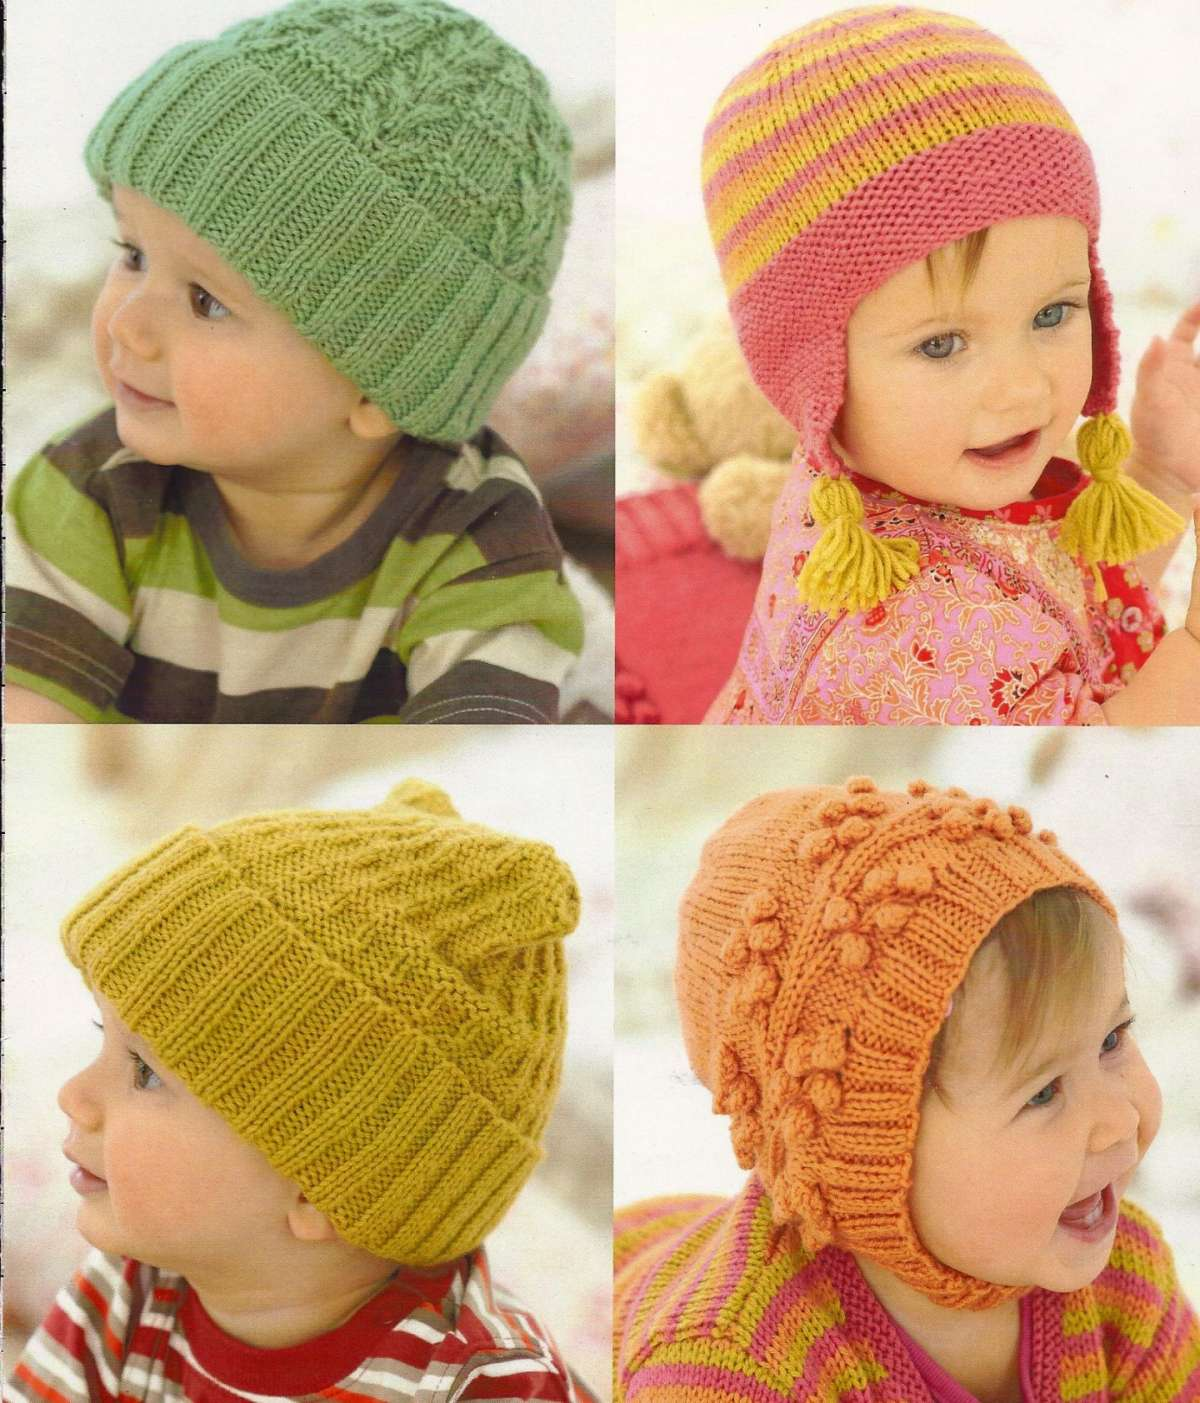 miglior fornitore Buoni prezzi super speciali Cappelli a maglia per bambino: schemi e idee [FOTO] | Pourfemme